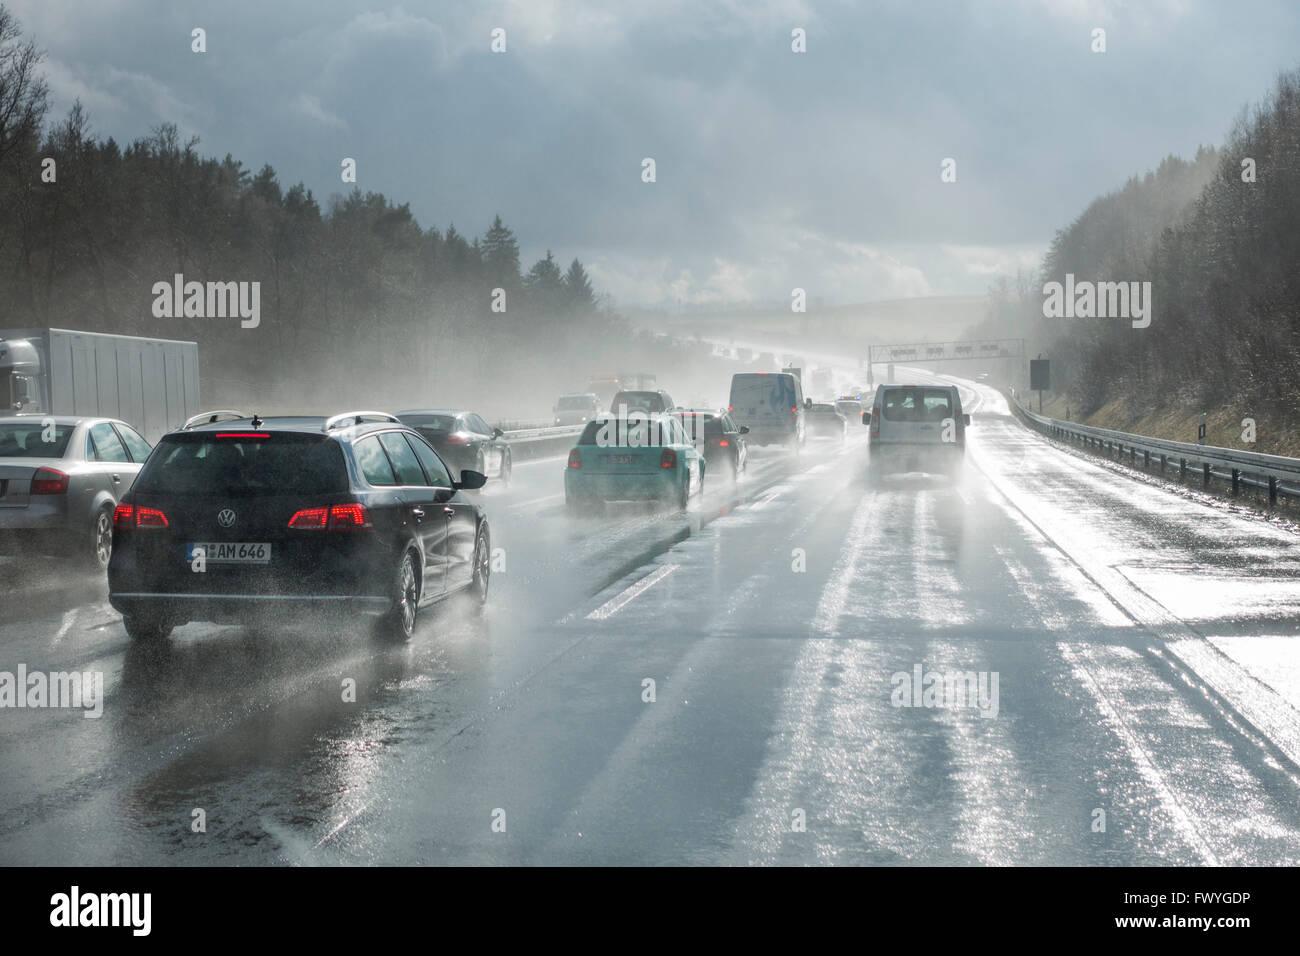 Autos überholen in den Regen, schlechte Sicht, Autobahn A9, Thüringen, Deutschland Stockbild